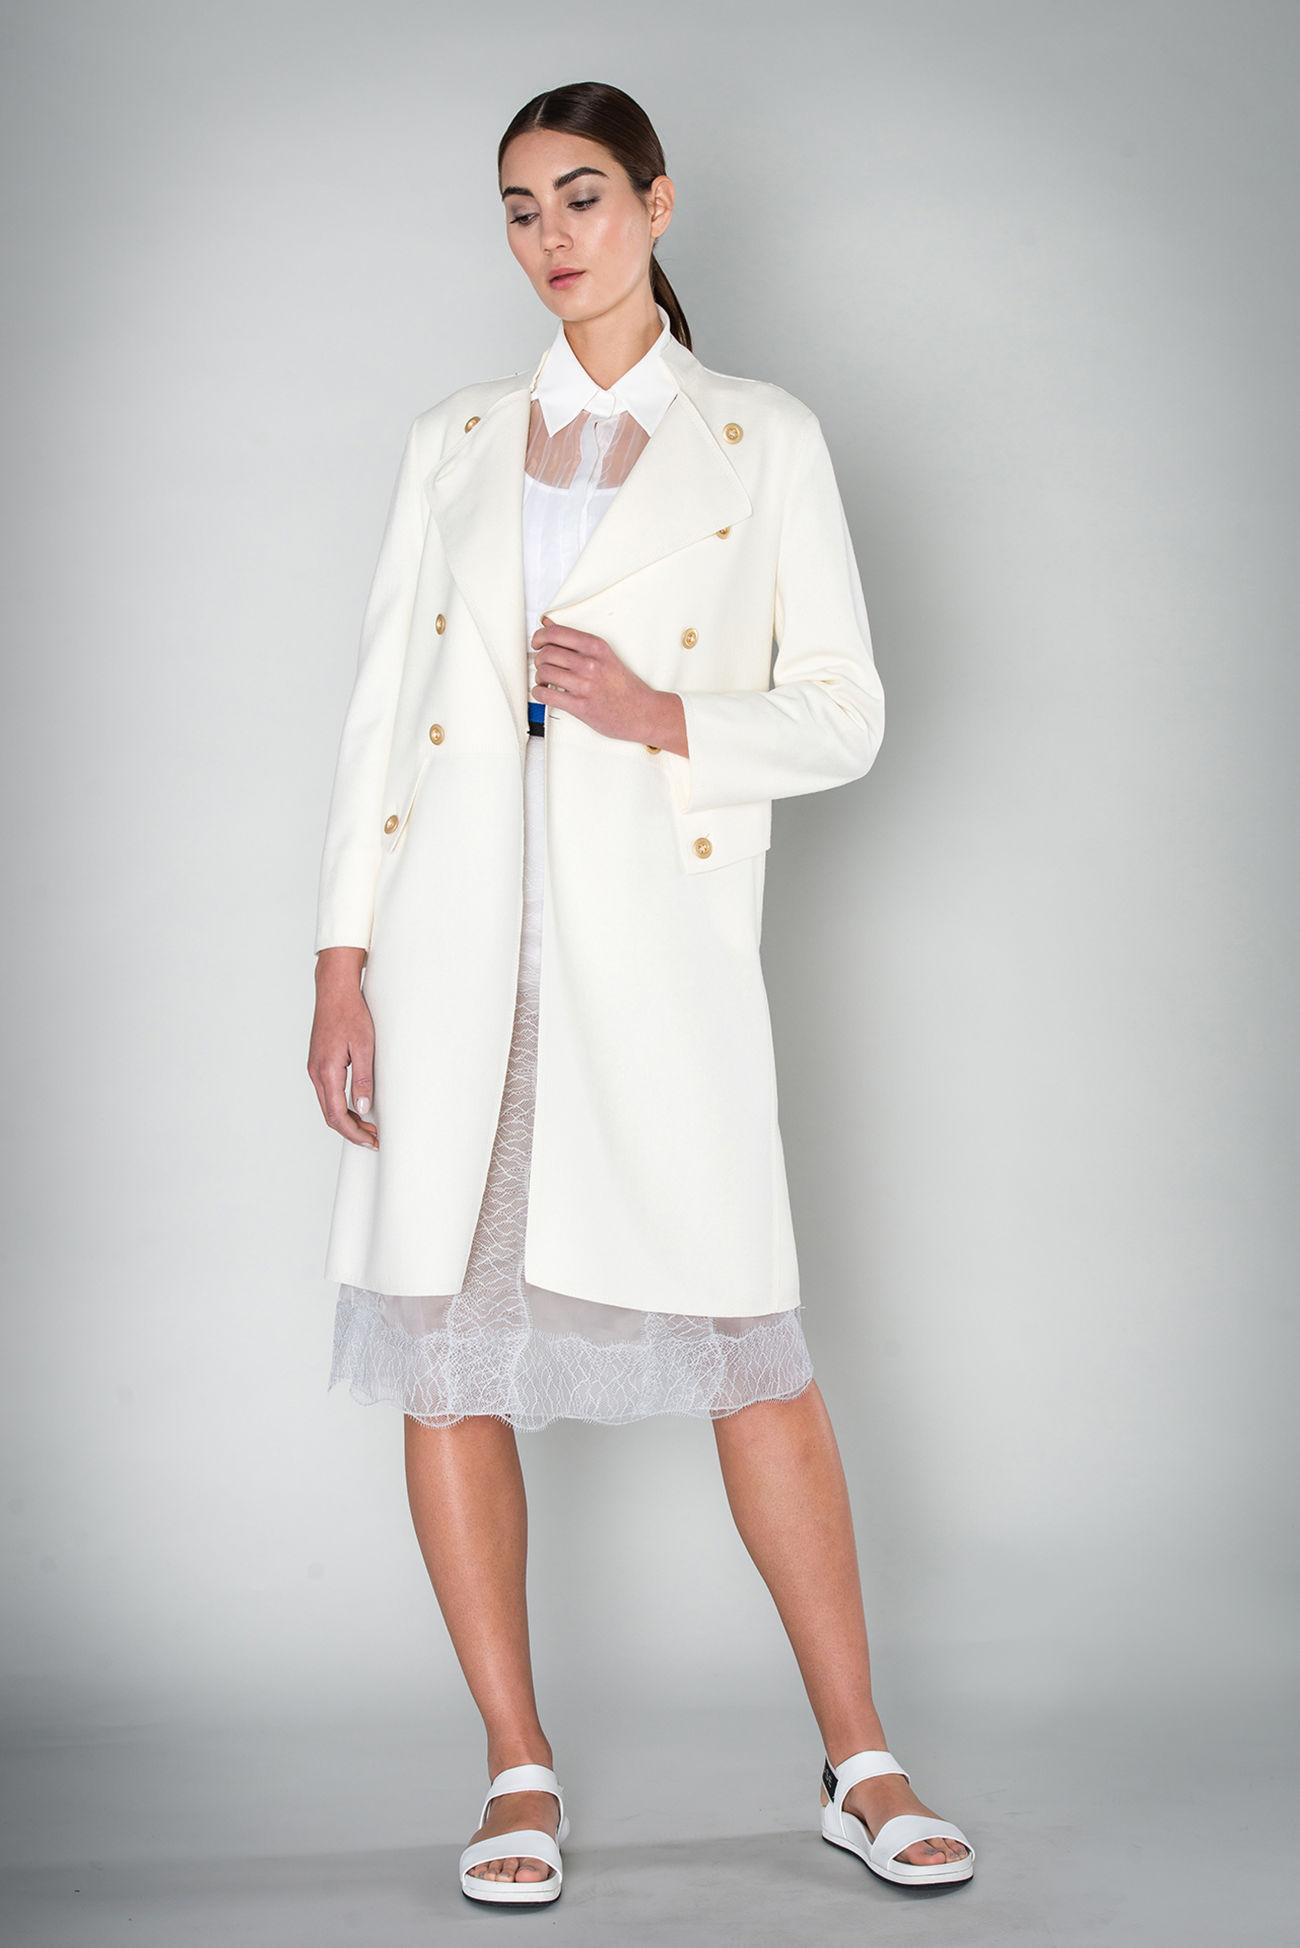 Mantel aus boilt summer wool